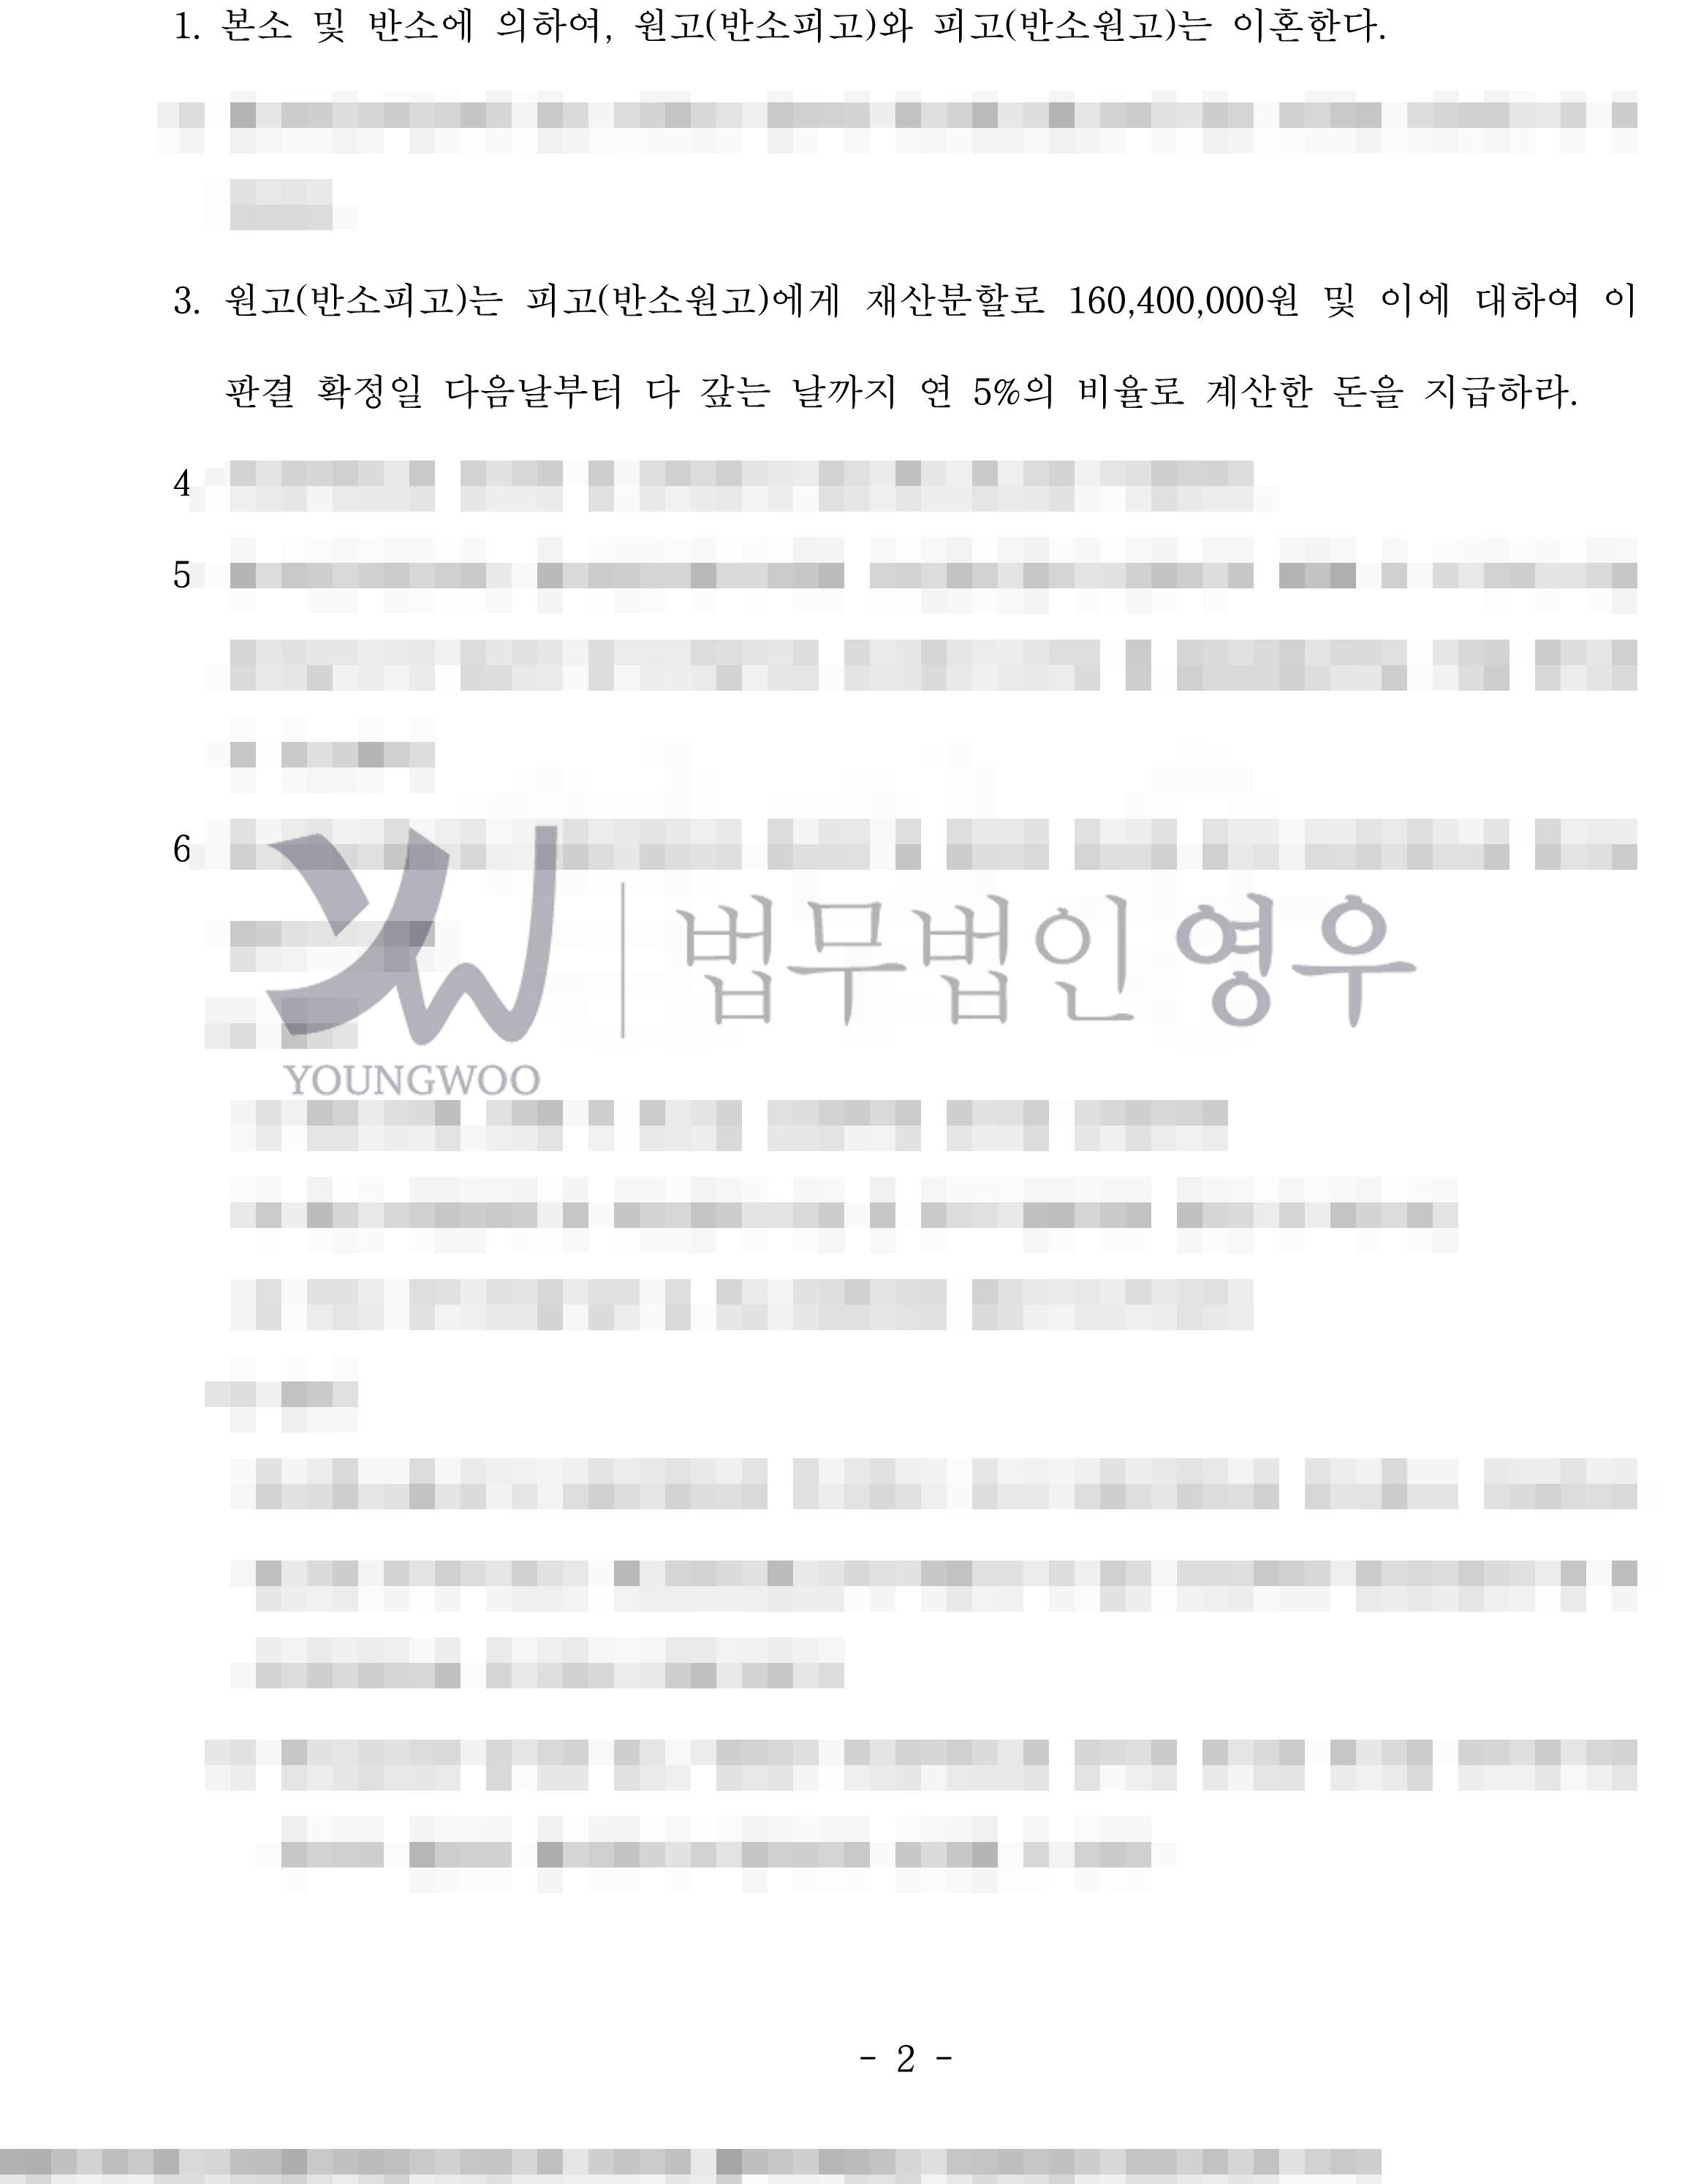 200324_판결문(18드단103357)-2.jpg